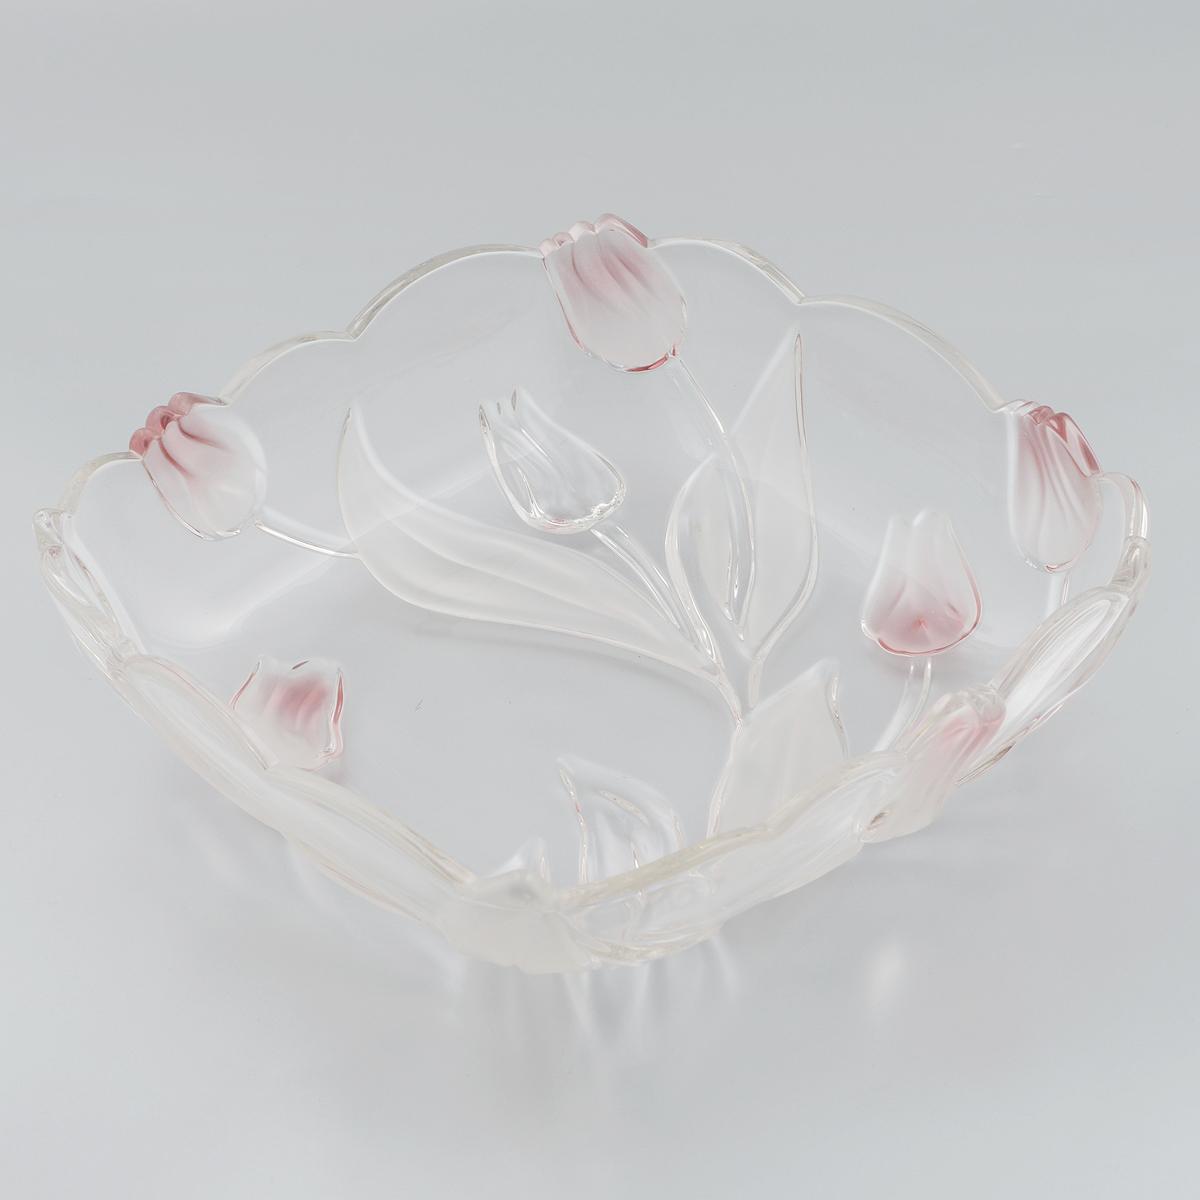 Салатник Walther-Glas Nadine, цвет: белый, розовый, 26 х 26 х 7 см16466*Салатник Walther-Glas Nadine выполнено из высококачественного толстого стекла и декорировано рельефом в форме цветов. Салатник имеет волнистые края, что, несомненно, понравится любителям классического стиля. Такой салатник украсит ваш праздничный или обеденный стол, а яркое оформление понравится любой хозяйке. Применять только мягкие моющие средства и избегать мытья в посудомоечной машине.